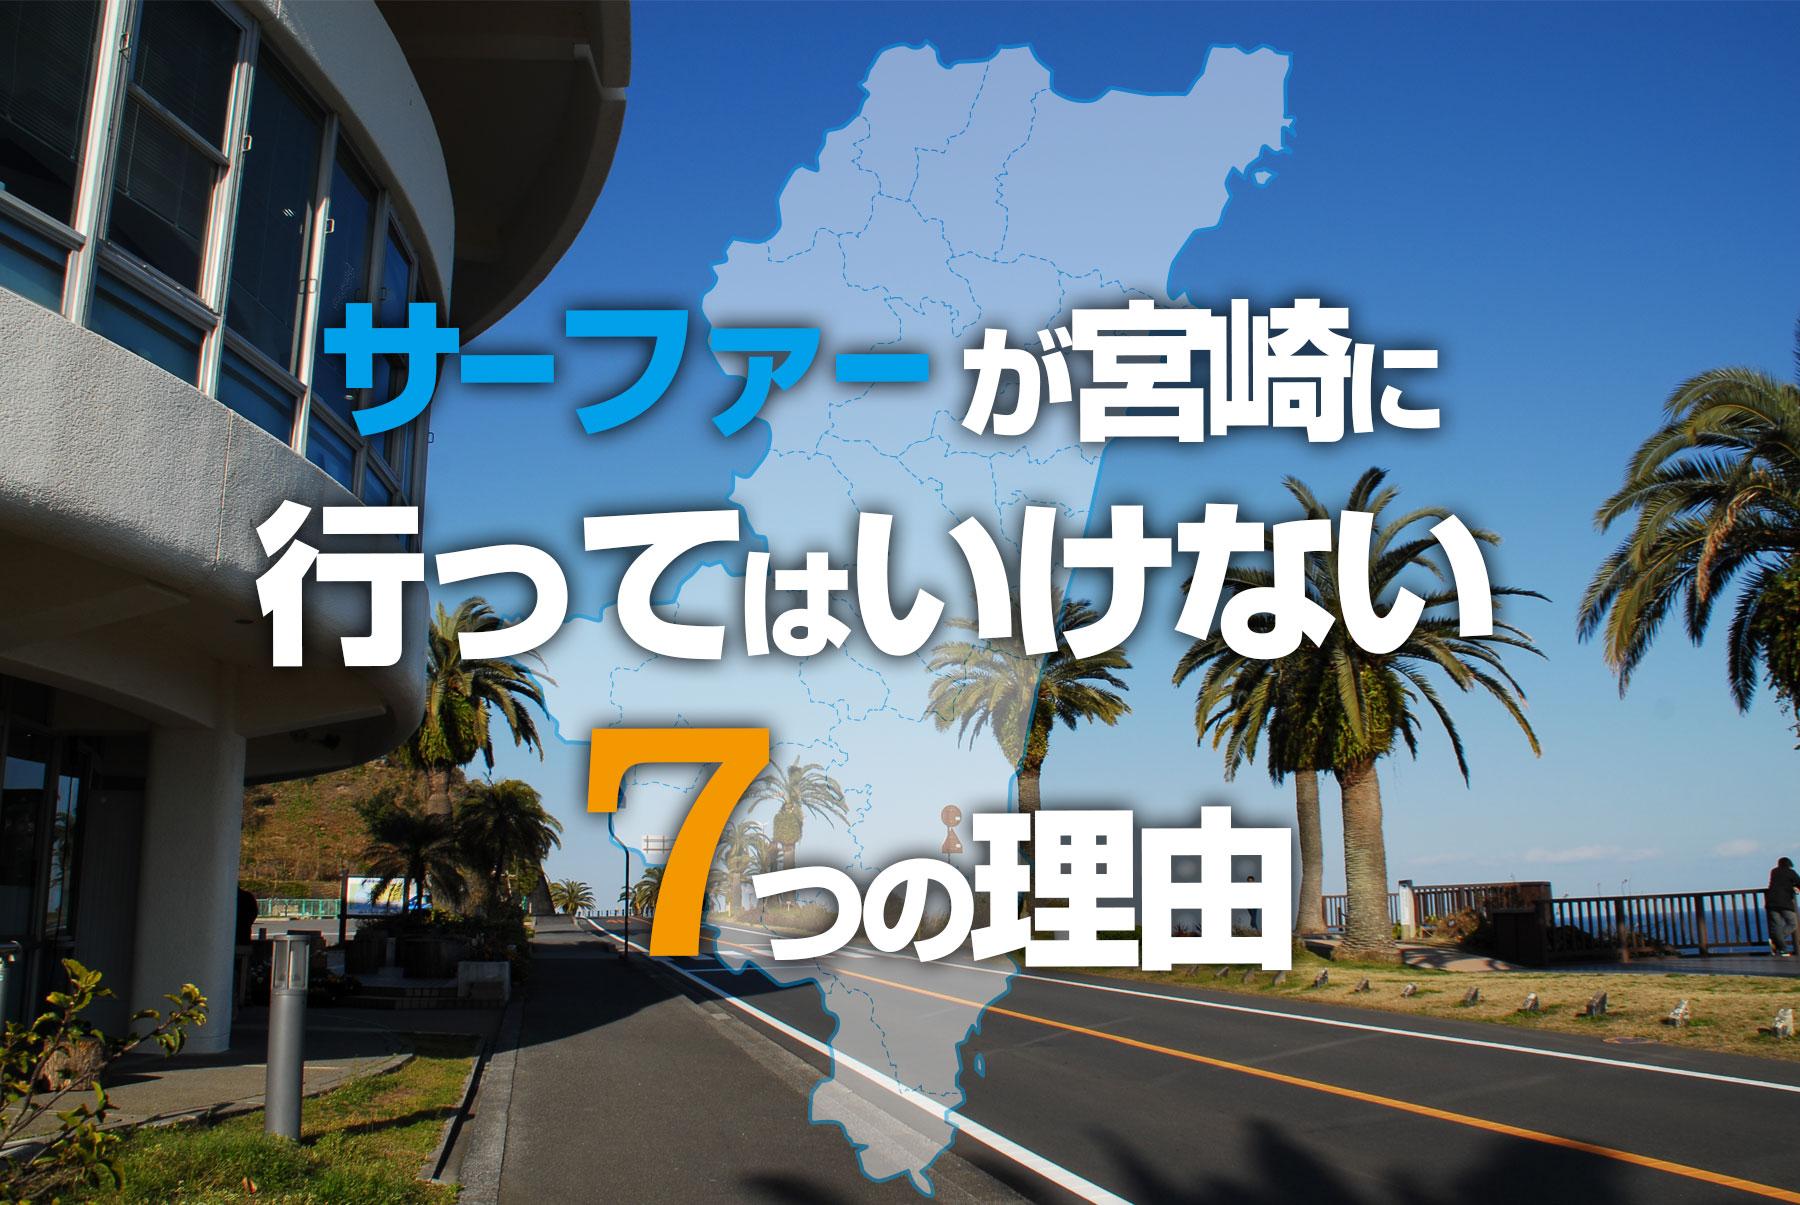 サーファーが宮崎に行ってはいけない7つの理由